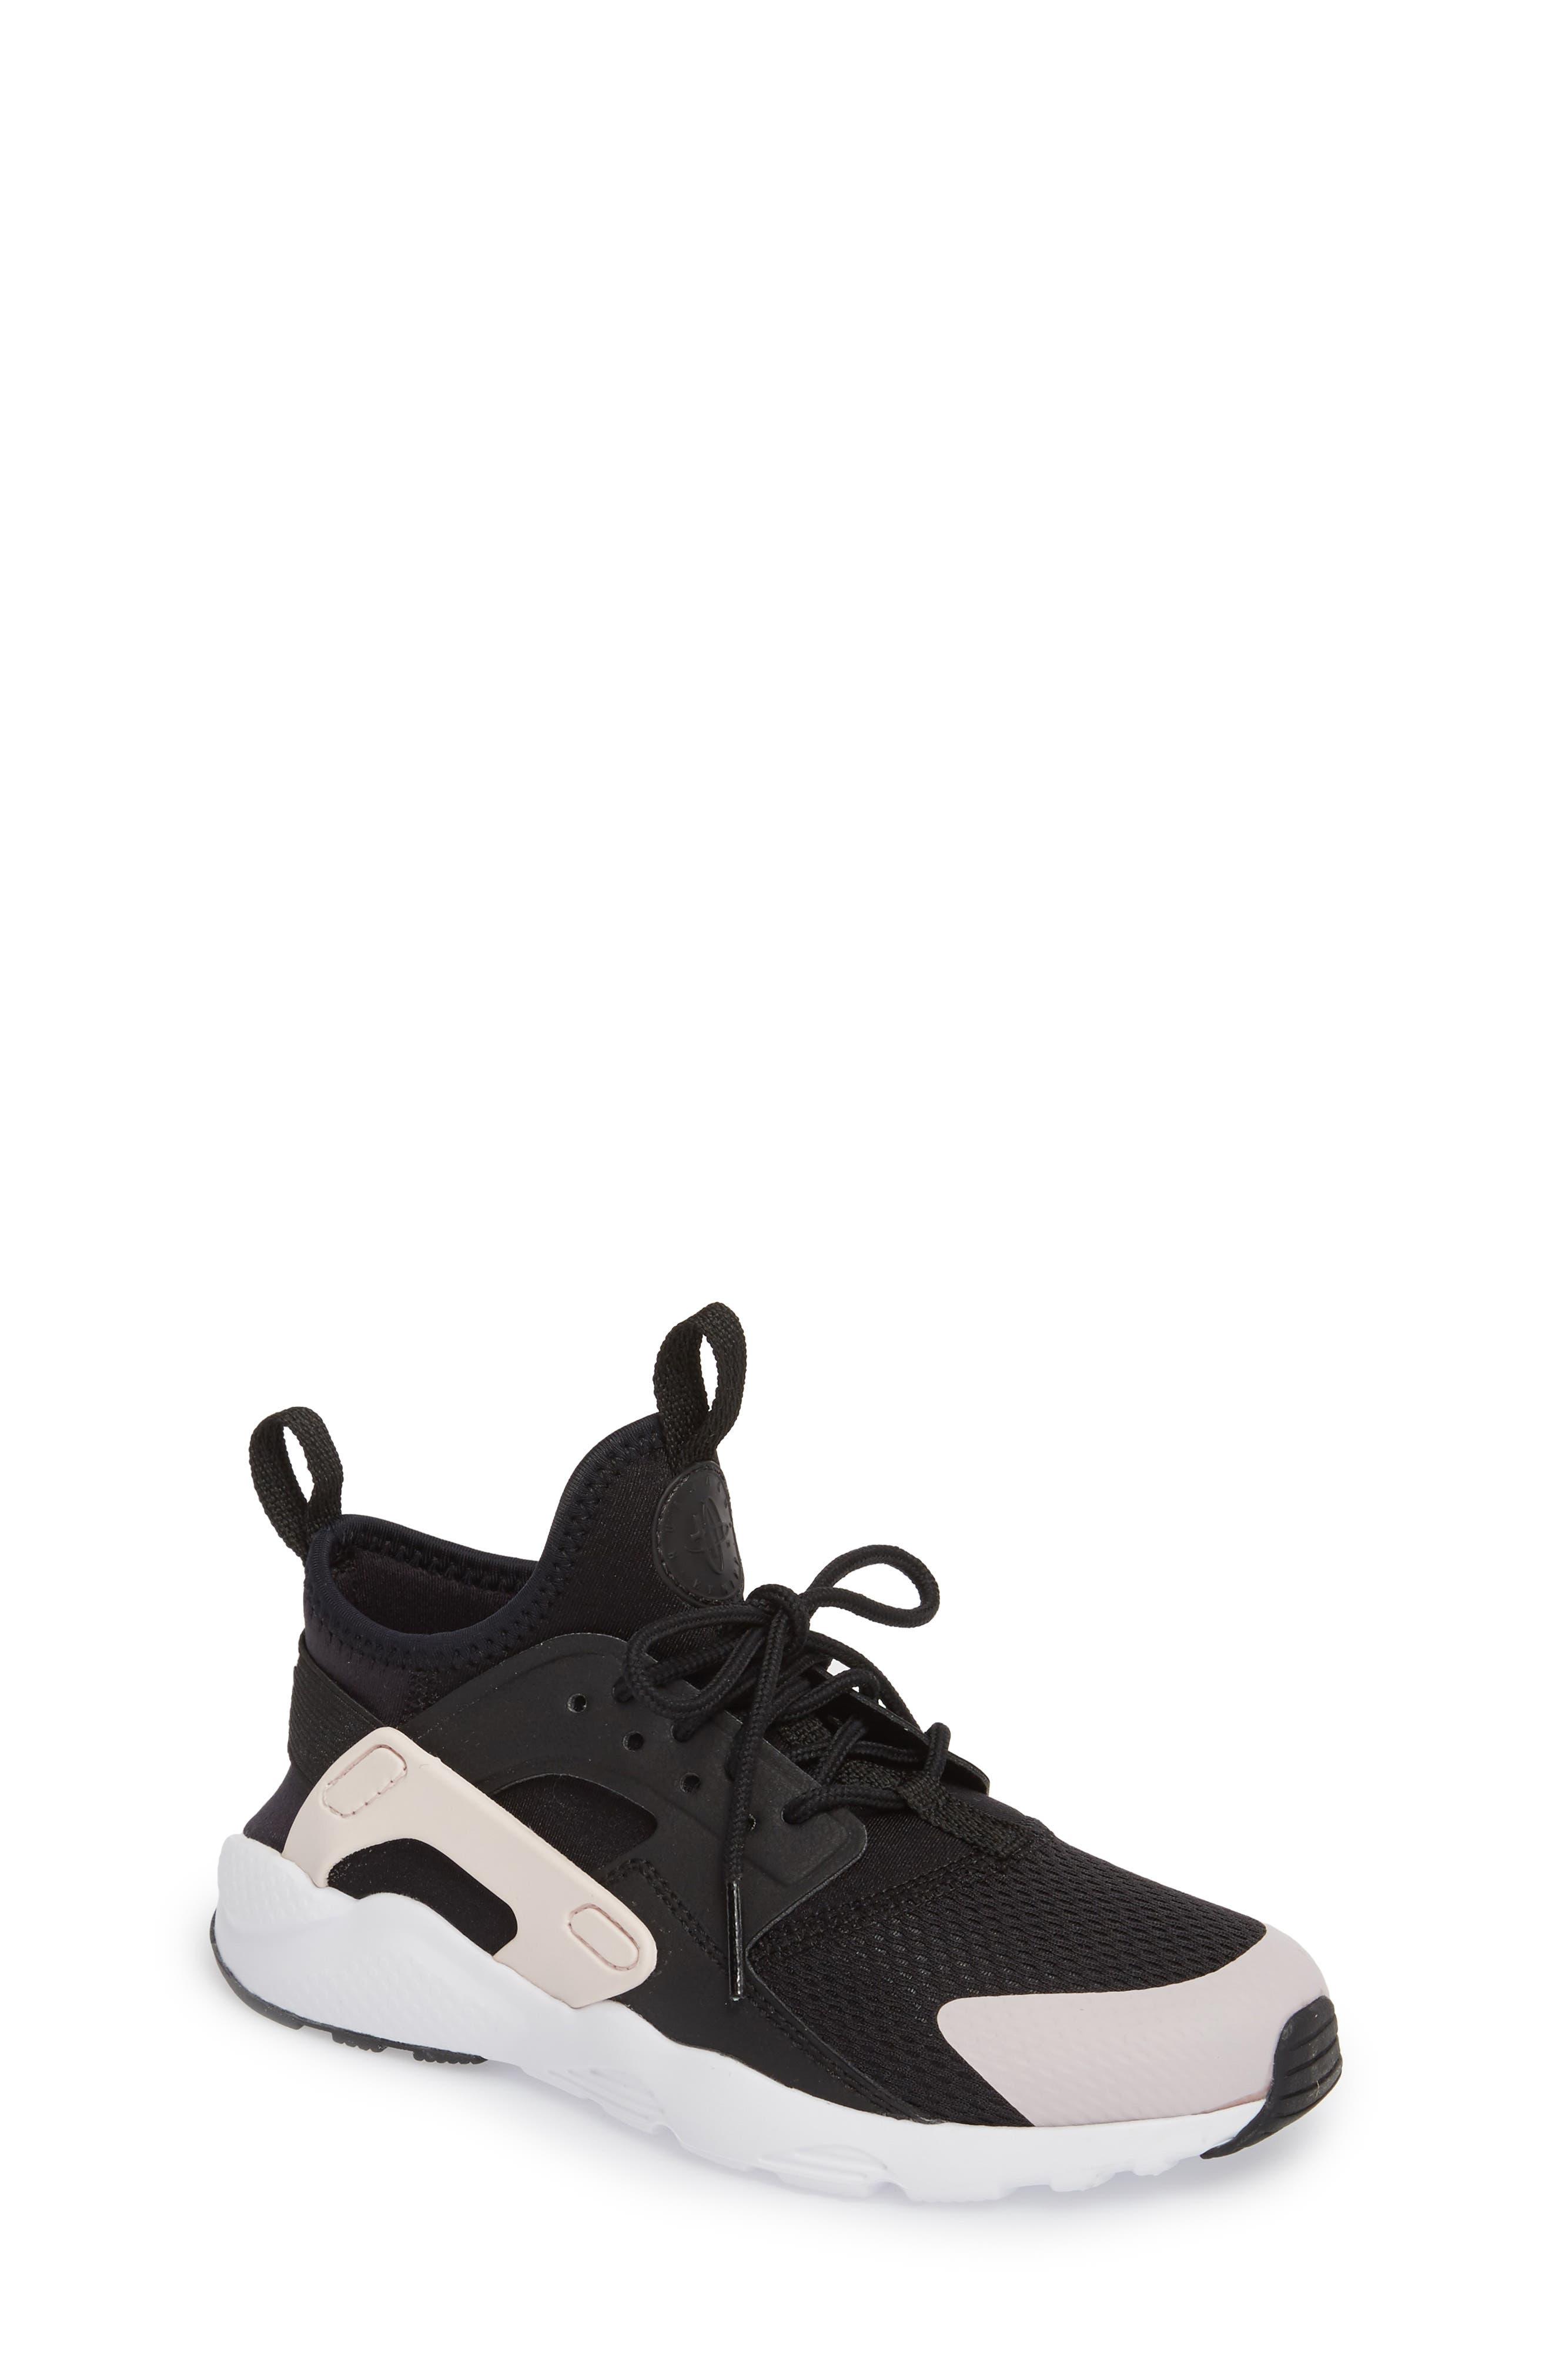 Prom Ultra Ebay 97308 Ebad0 Nike Huarache Junior lcJTFK1